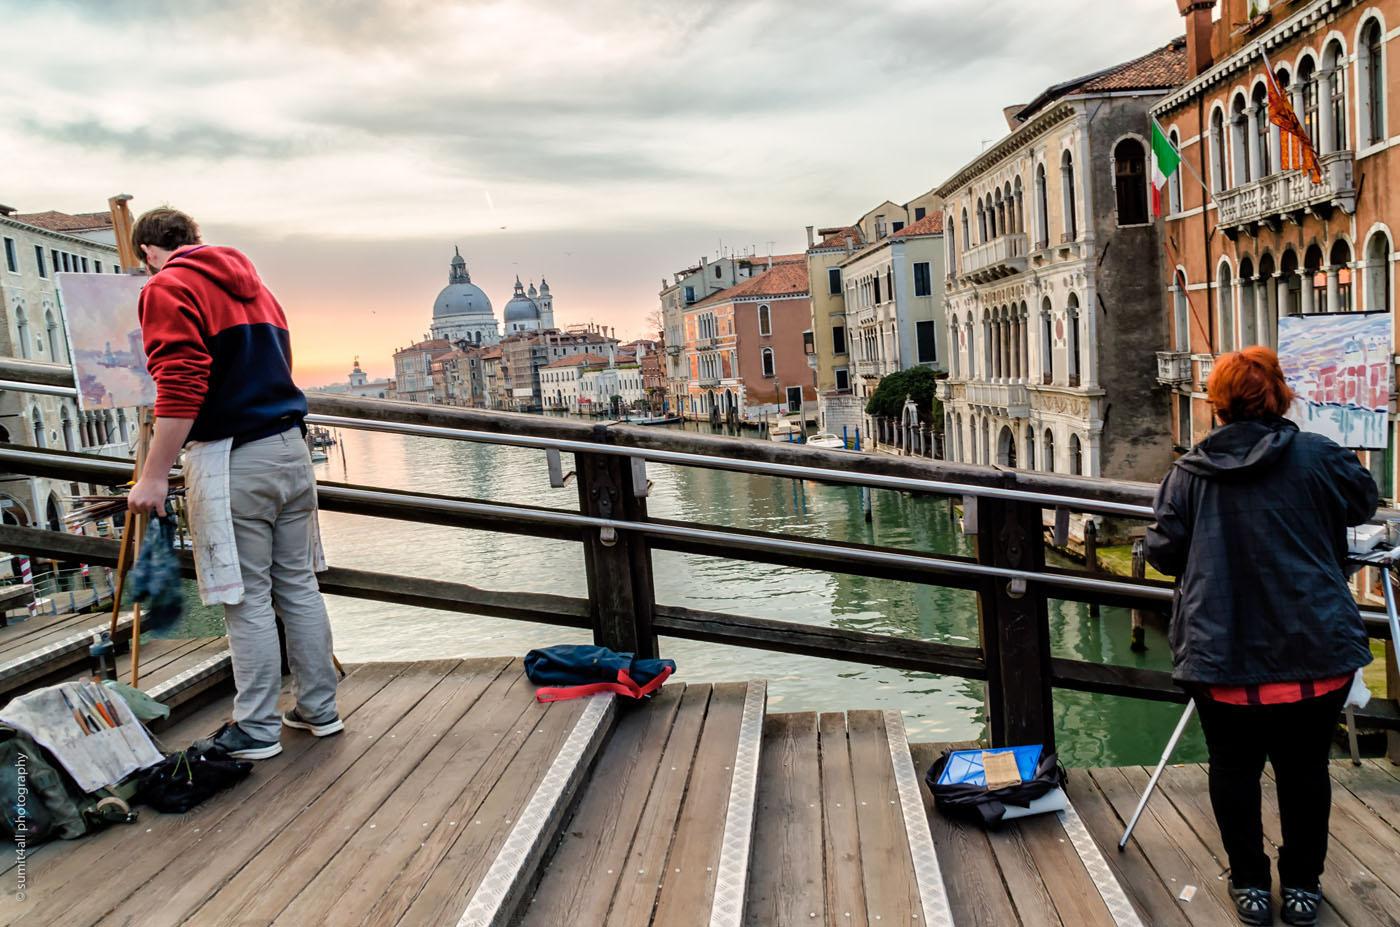 An artistic sunrise in Venice